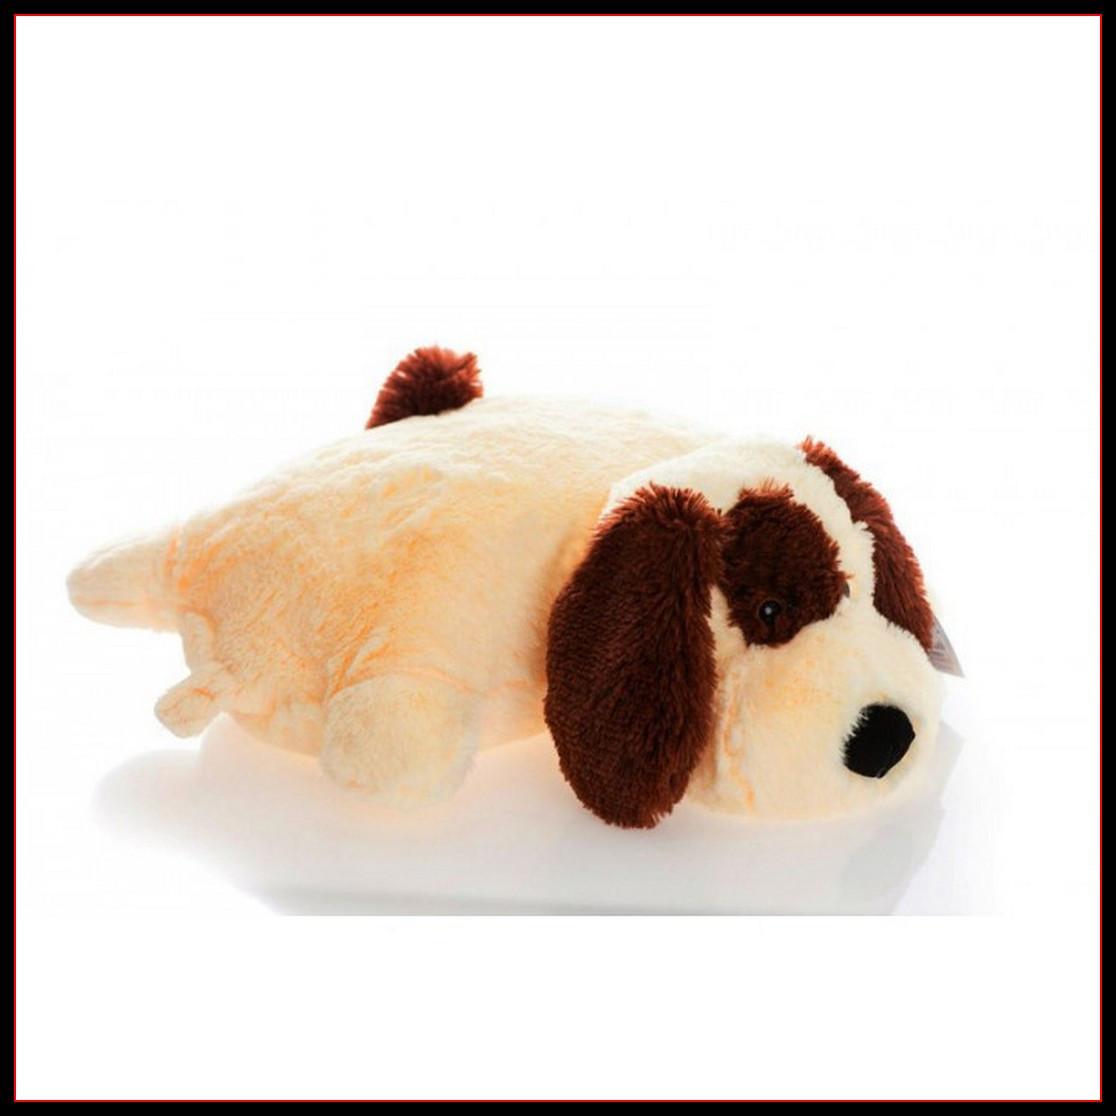 Декоративная детская подушка мягкая игрушка собачка персиковый 45 см